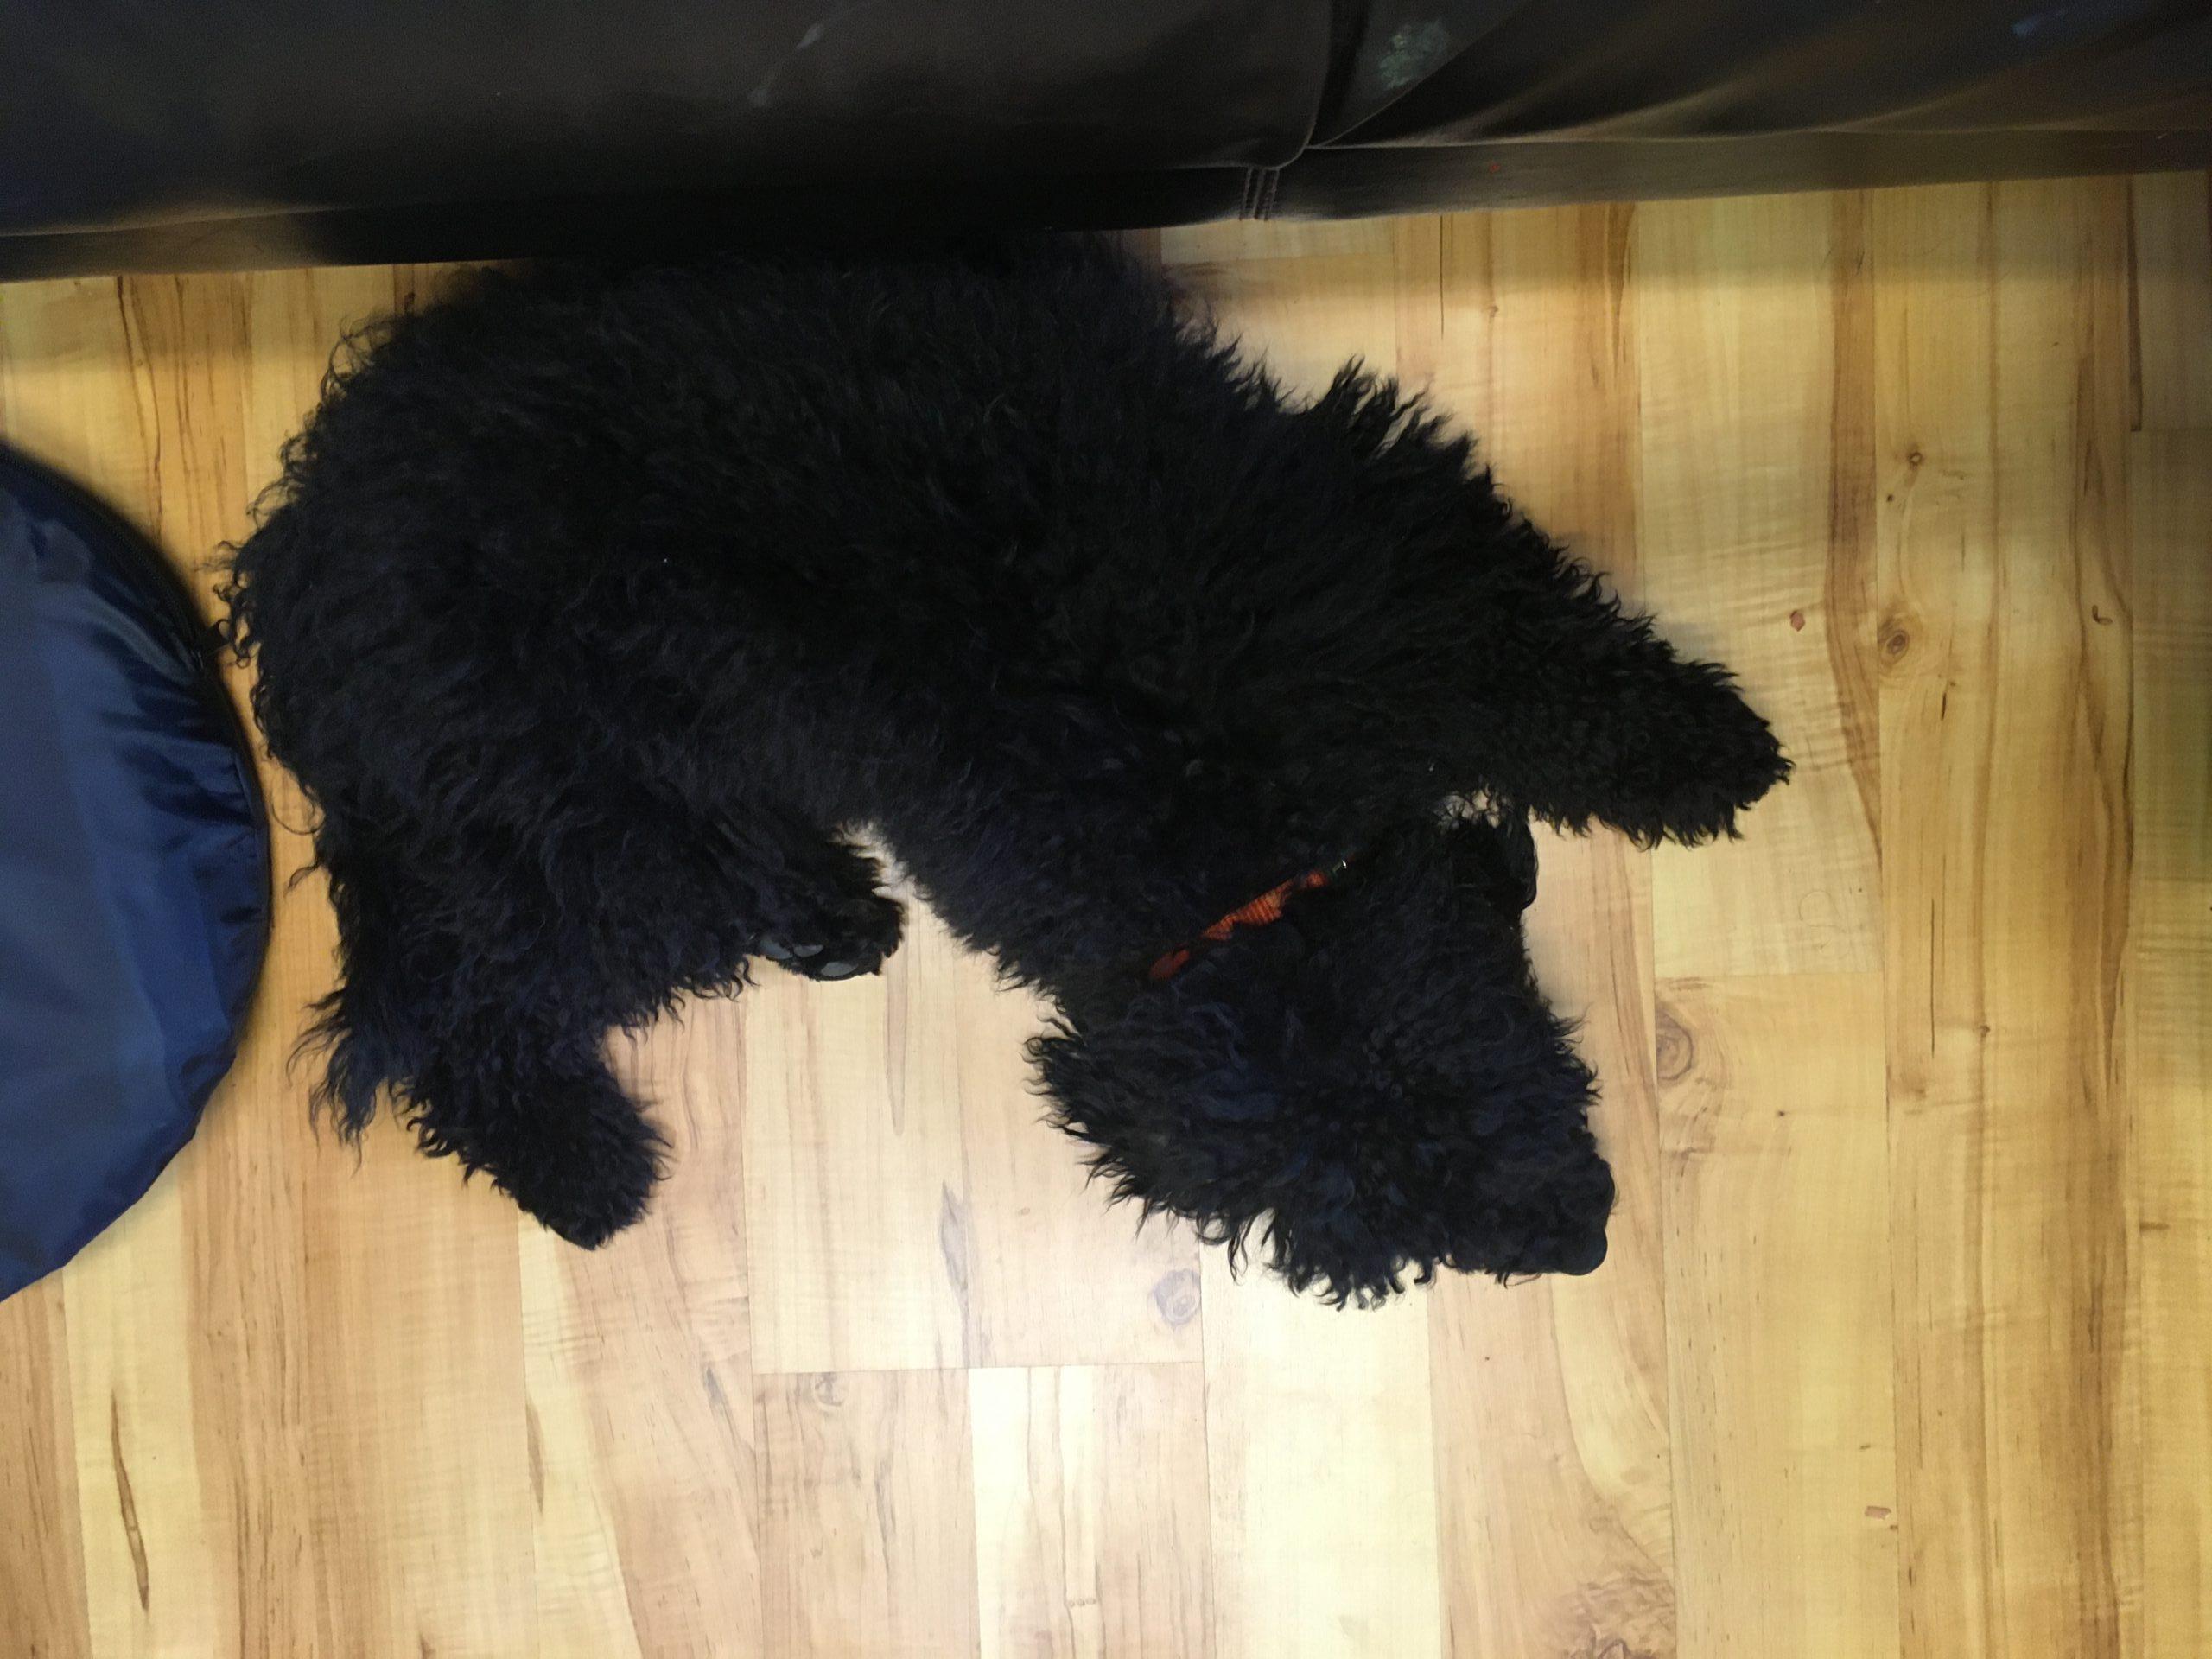 Auf einem Laminatfussboden liegt ein schwarzer Pudel mit einem orangenen Halsband.